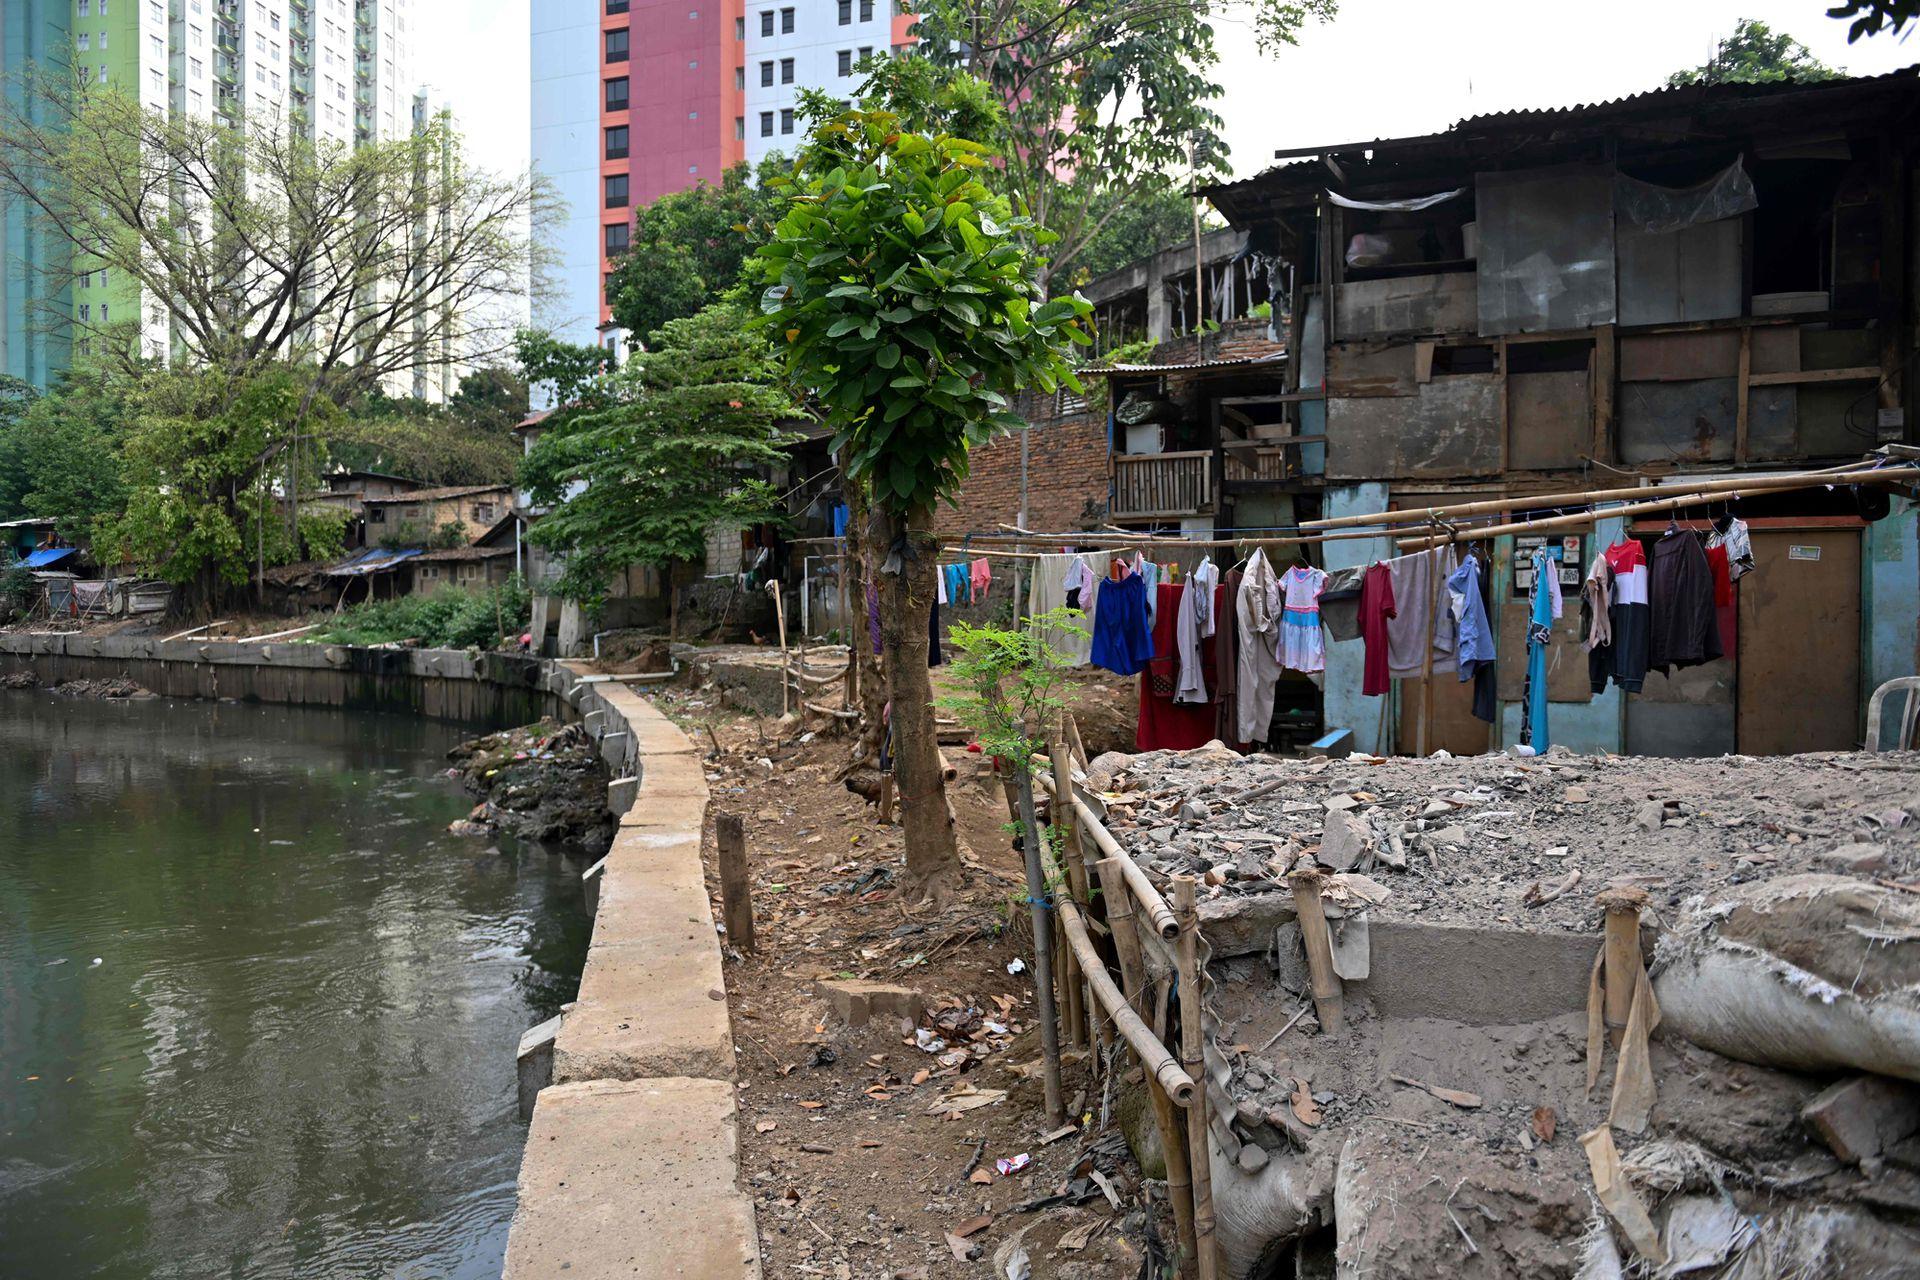 El problema es que hay un suelo pantanoso y ríos que lo cruzan. El cambio climático también hace lo suyo